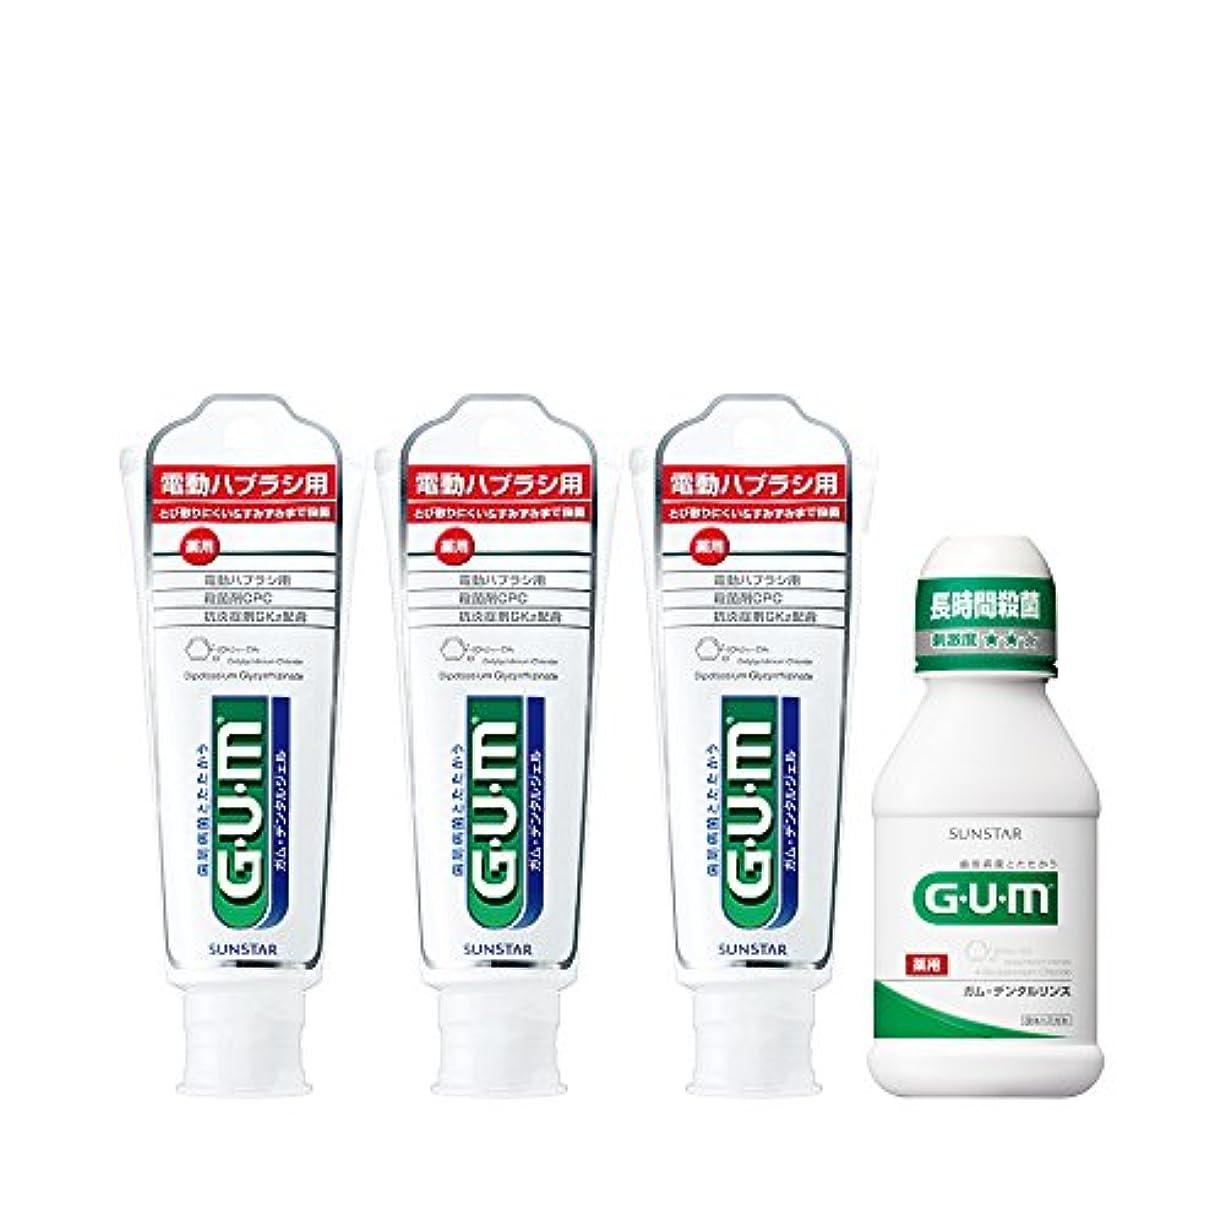 赤字けがをするトリクル[医薬部外品] GUM(ガム) 電動ハブラシ用 デンタルジェル ハミガキ 65g <歯周病予防> 3個パック+おまけつき